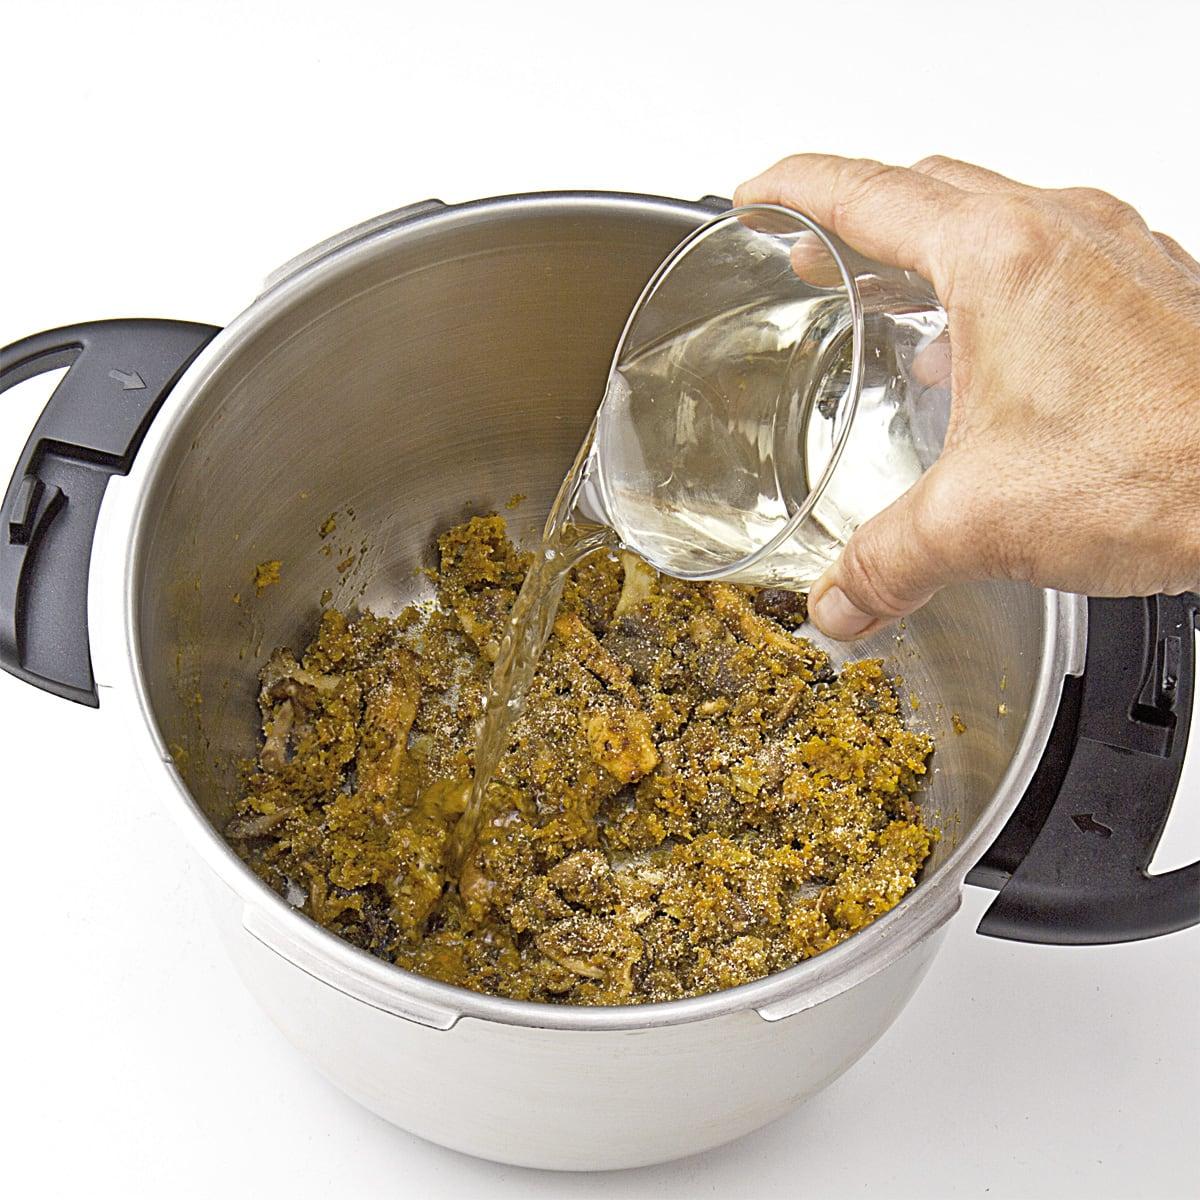 Recetas ideas interesantes y trucos de cocina semana - Como hacer sopa de setas en minecraft ...